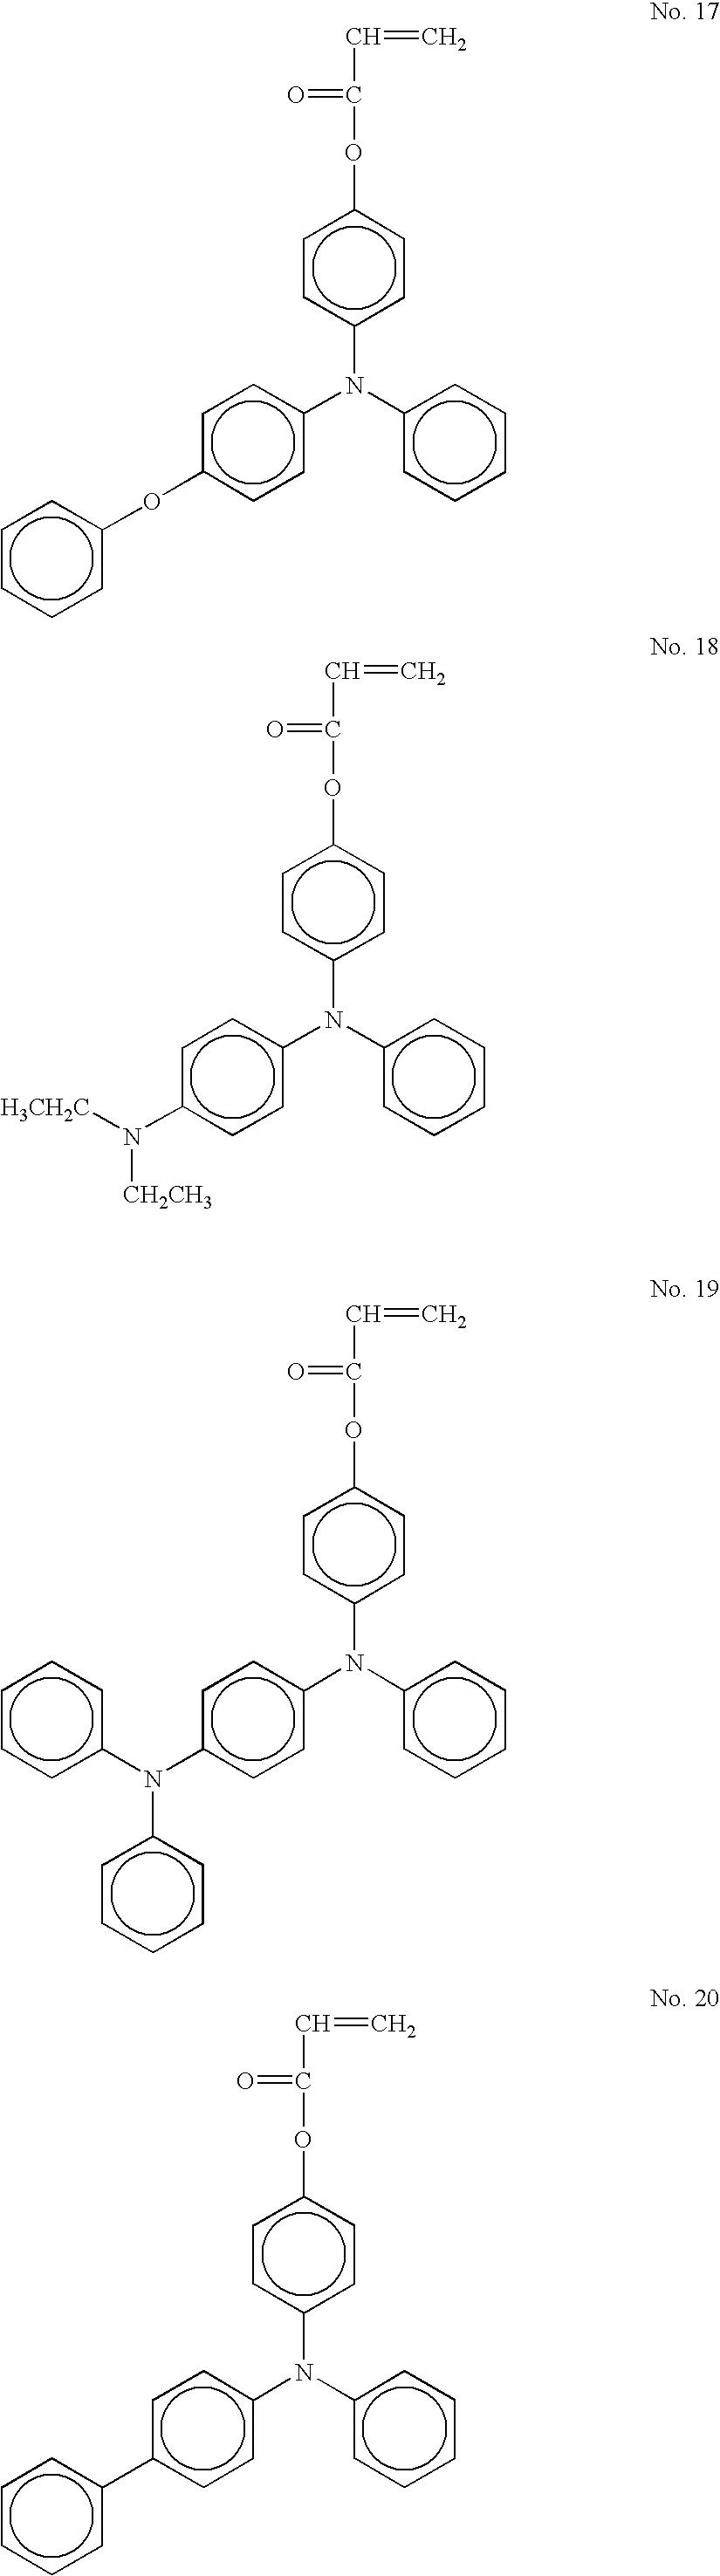 Figure US07390600-20080624-C00010